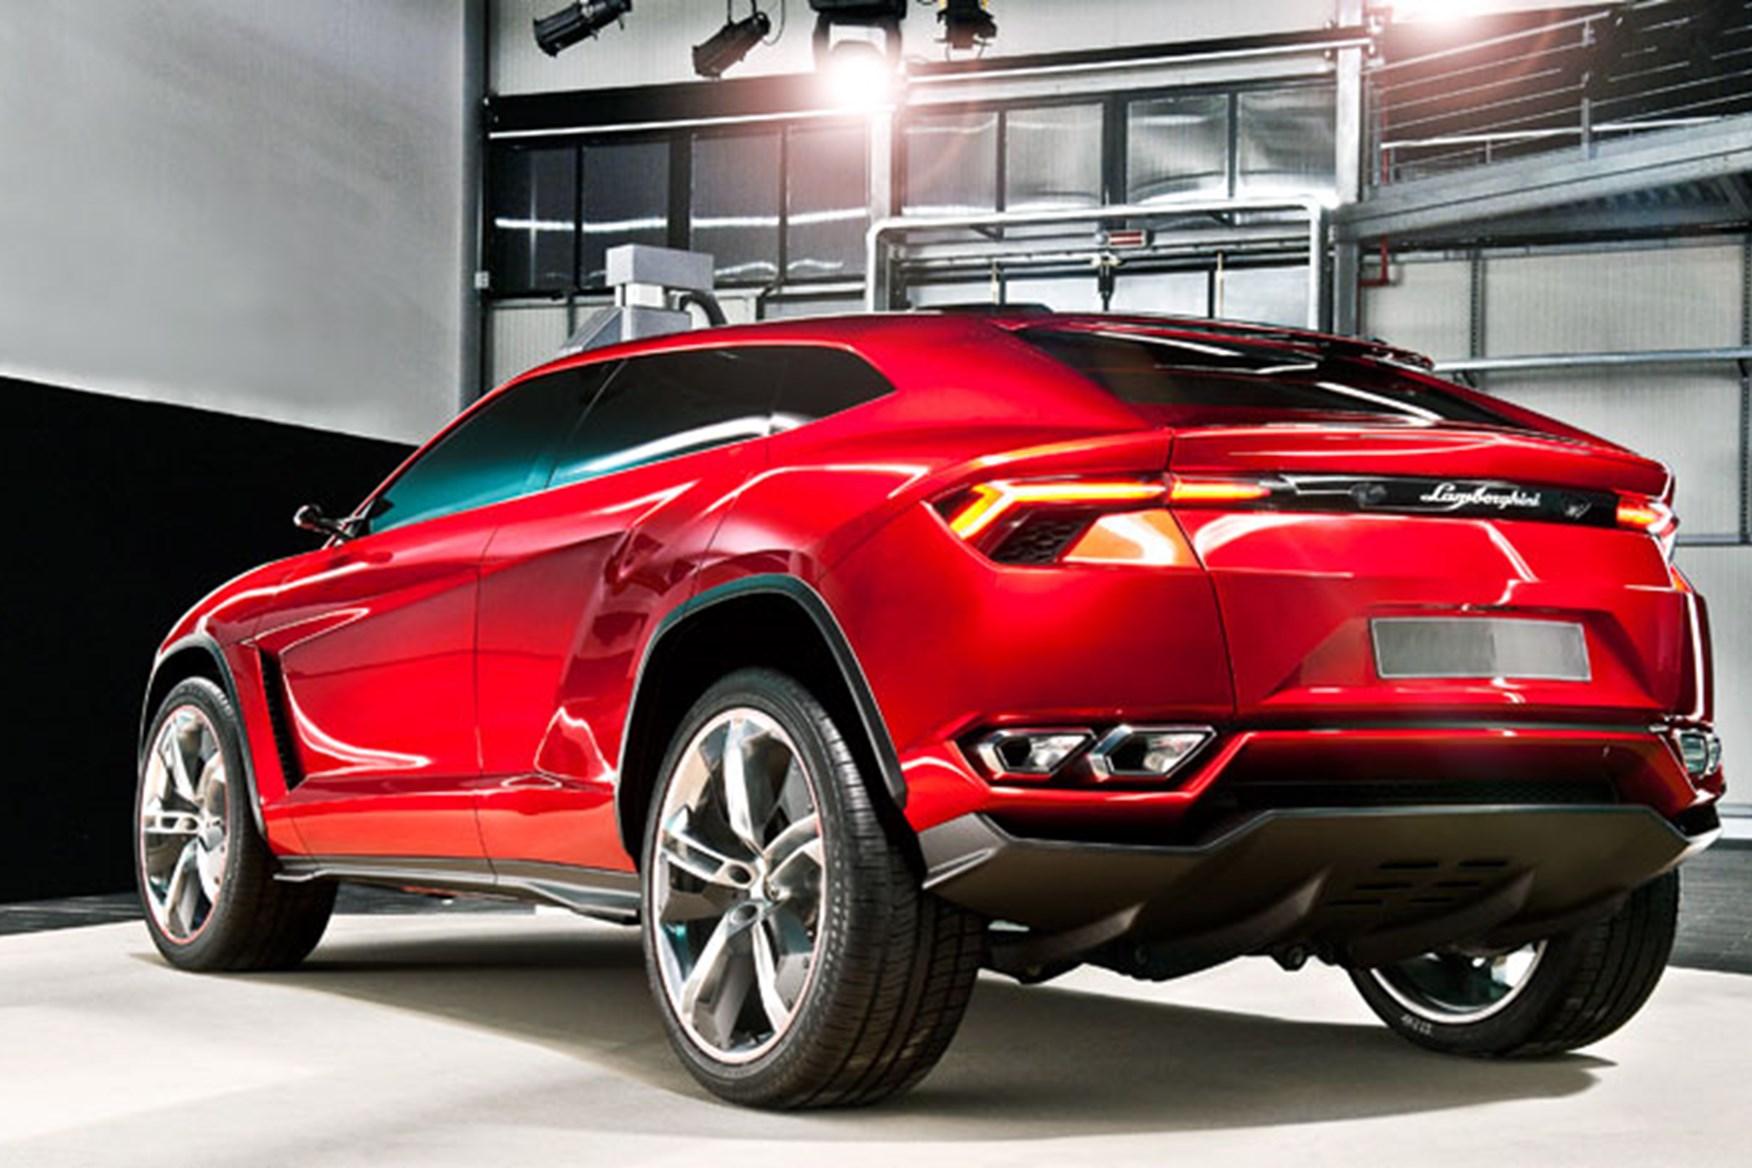 Lamborghini Urus - The SUV super athlete (unveil) - YouTube